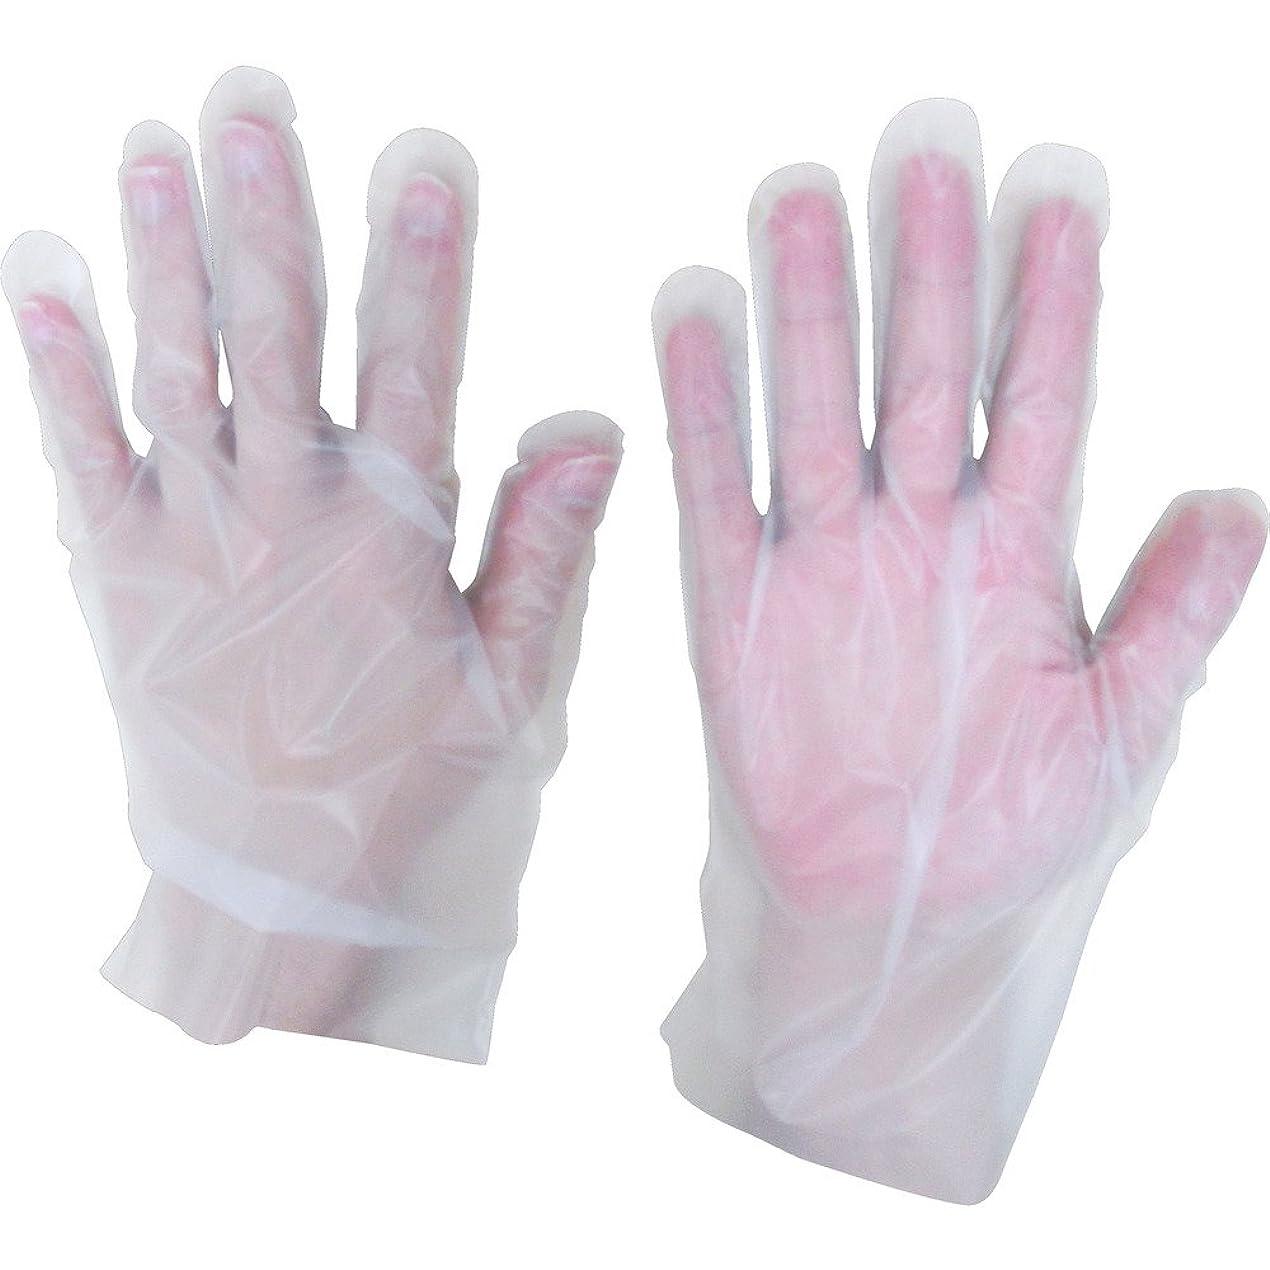 モトリーリーダーシップこしょうシンガー ポリスリム箱入クリア SS (100枚入) LPE0190SE-TBSS ポリエチレン使い捨て手袋